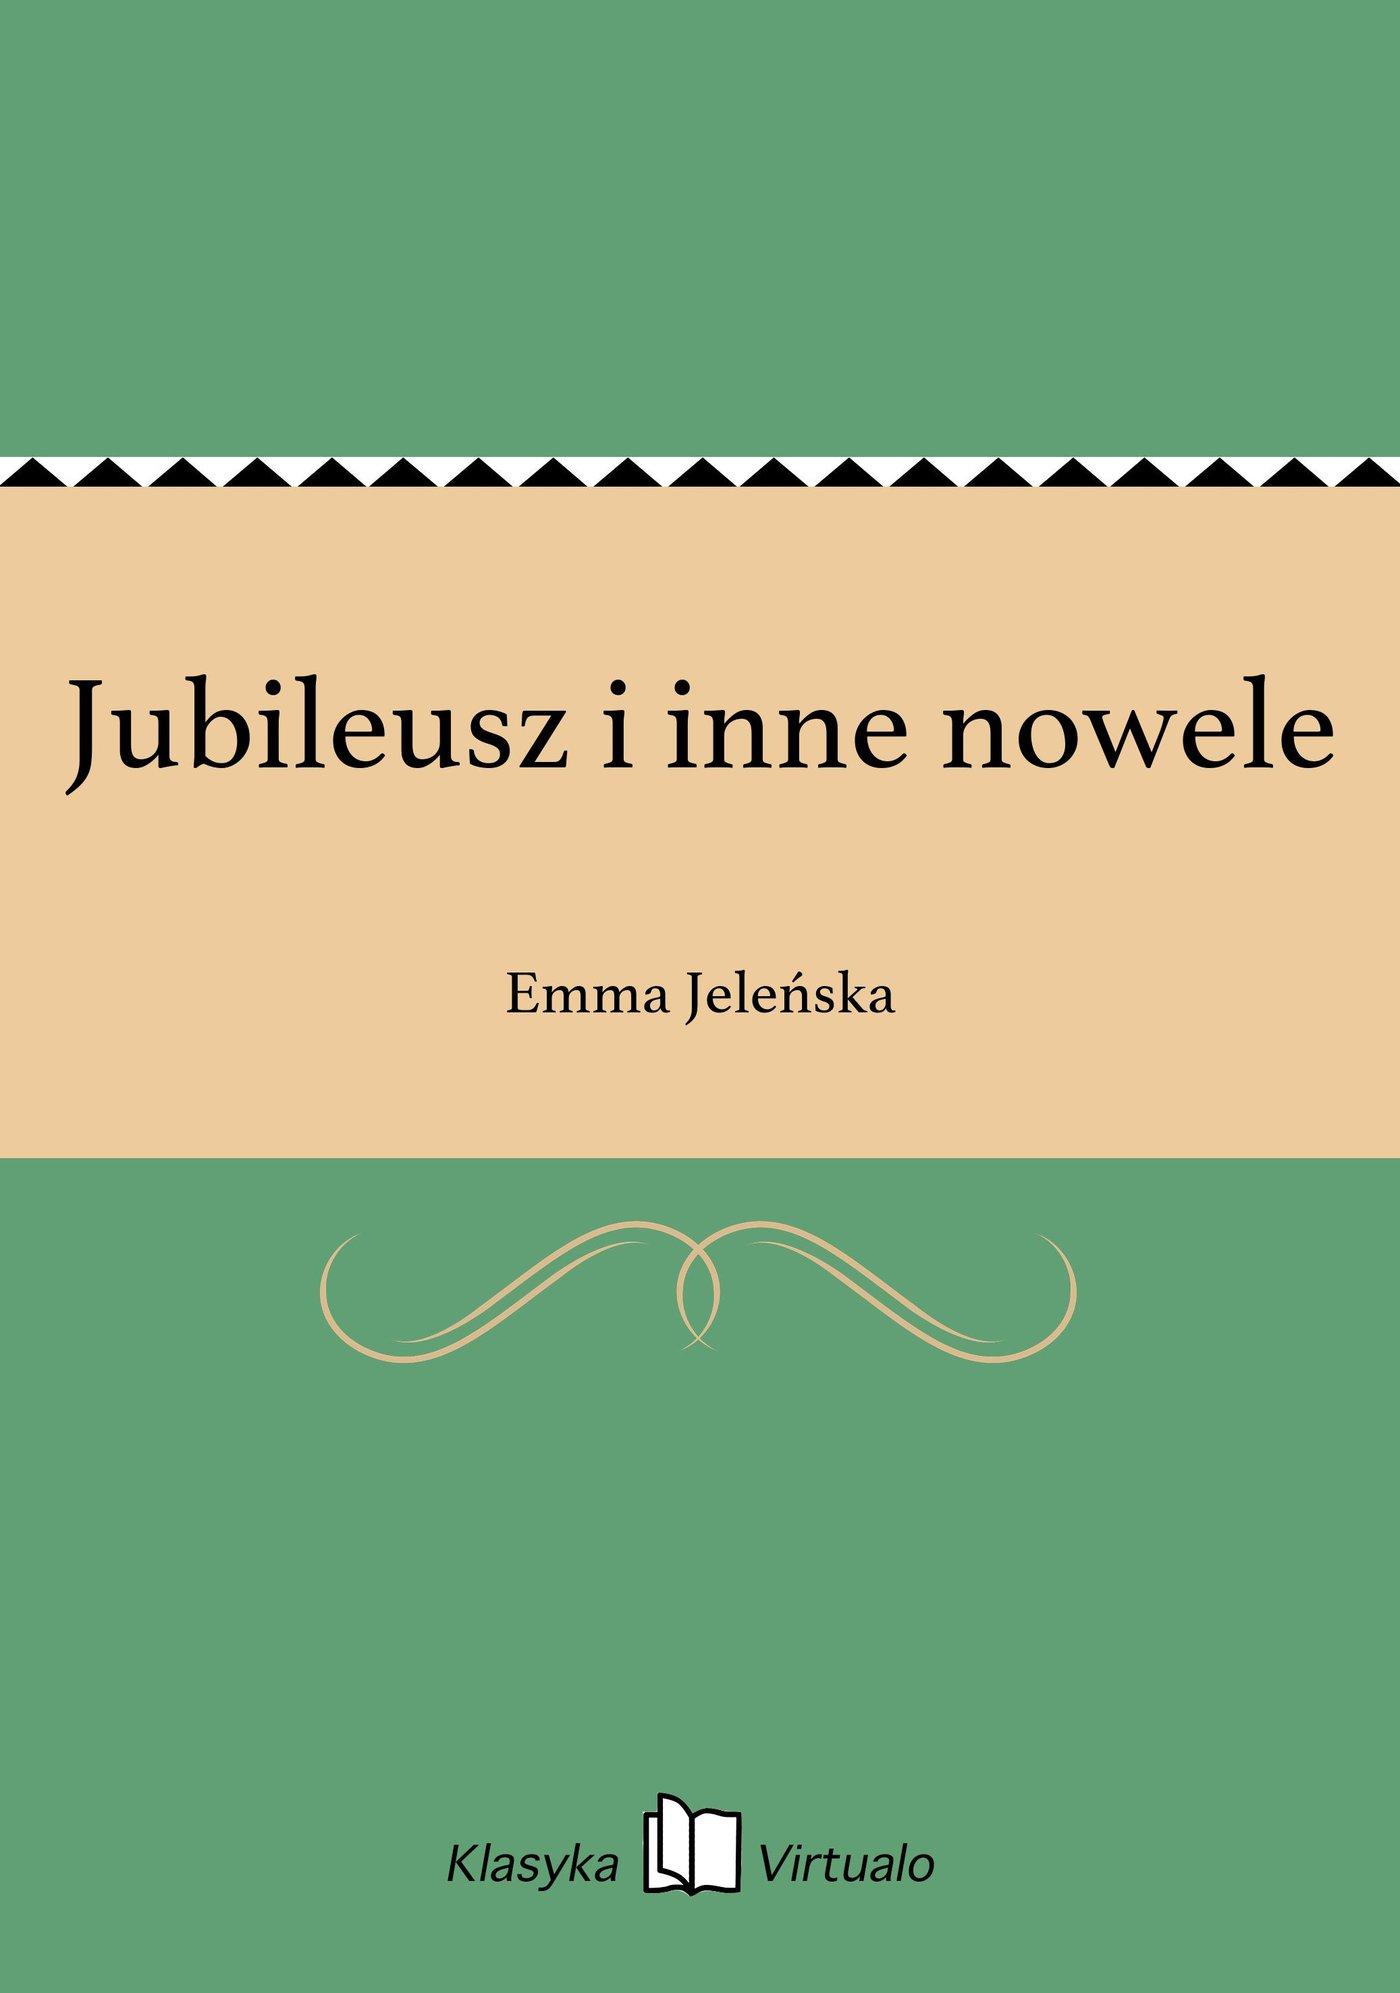 Jubileusz i inne nowele - Ebook (Książka EPUB) do pobrania w formacie EPUB